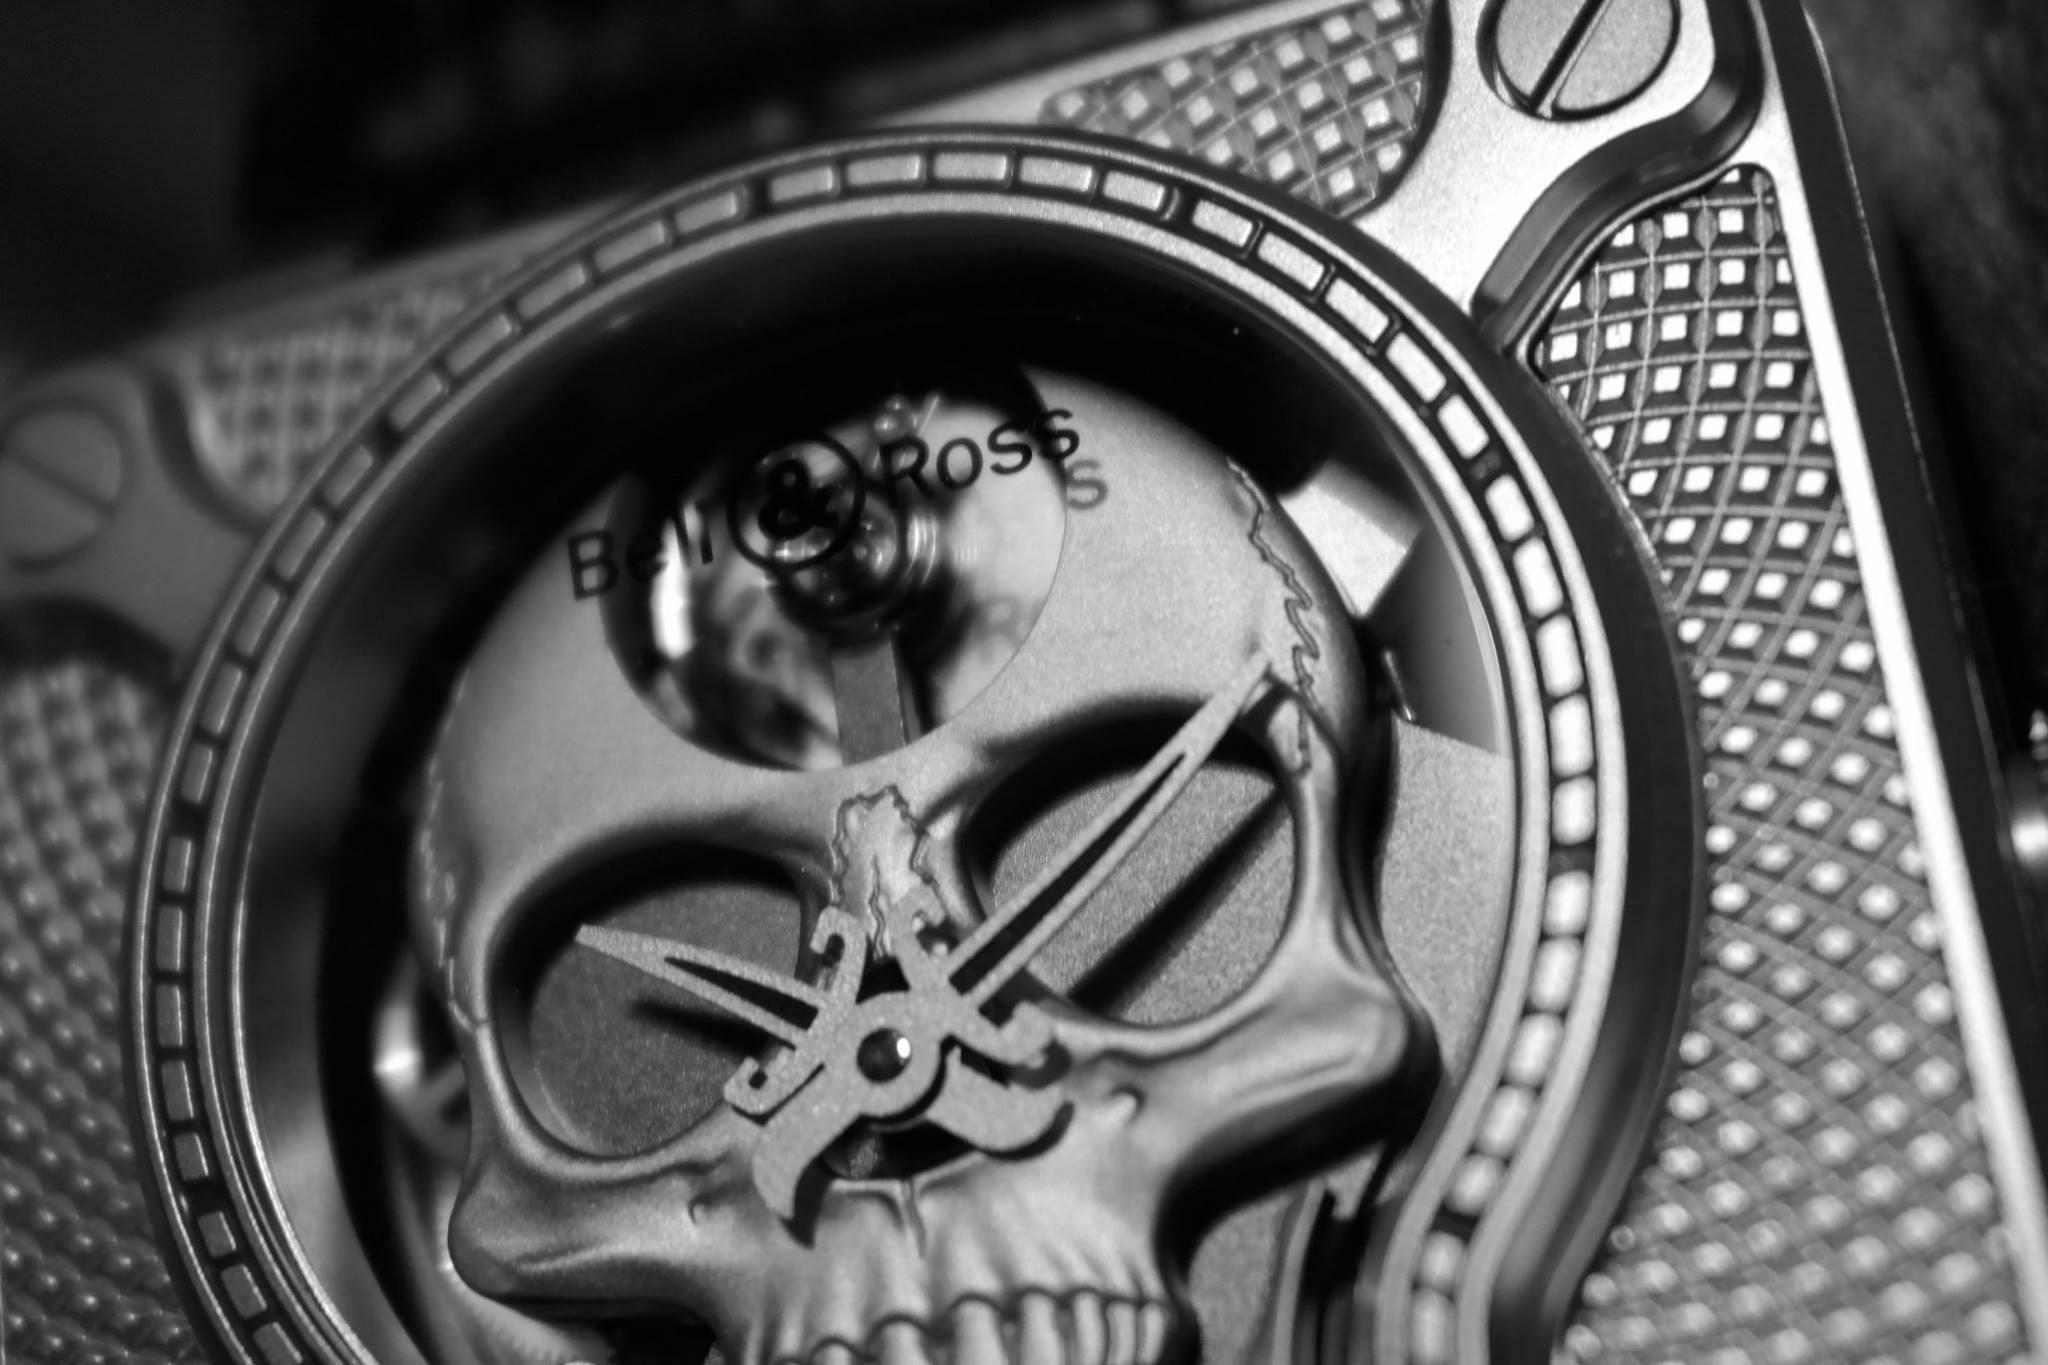 Bell & Ross sine klokker har fire grunnleggende prinsipper: lesbarhet, funksjonalitet, presisjon og pålitelighet. -